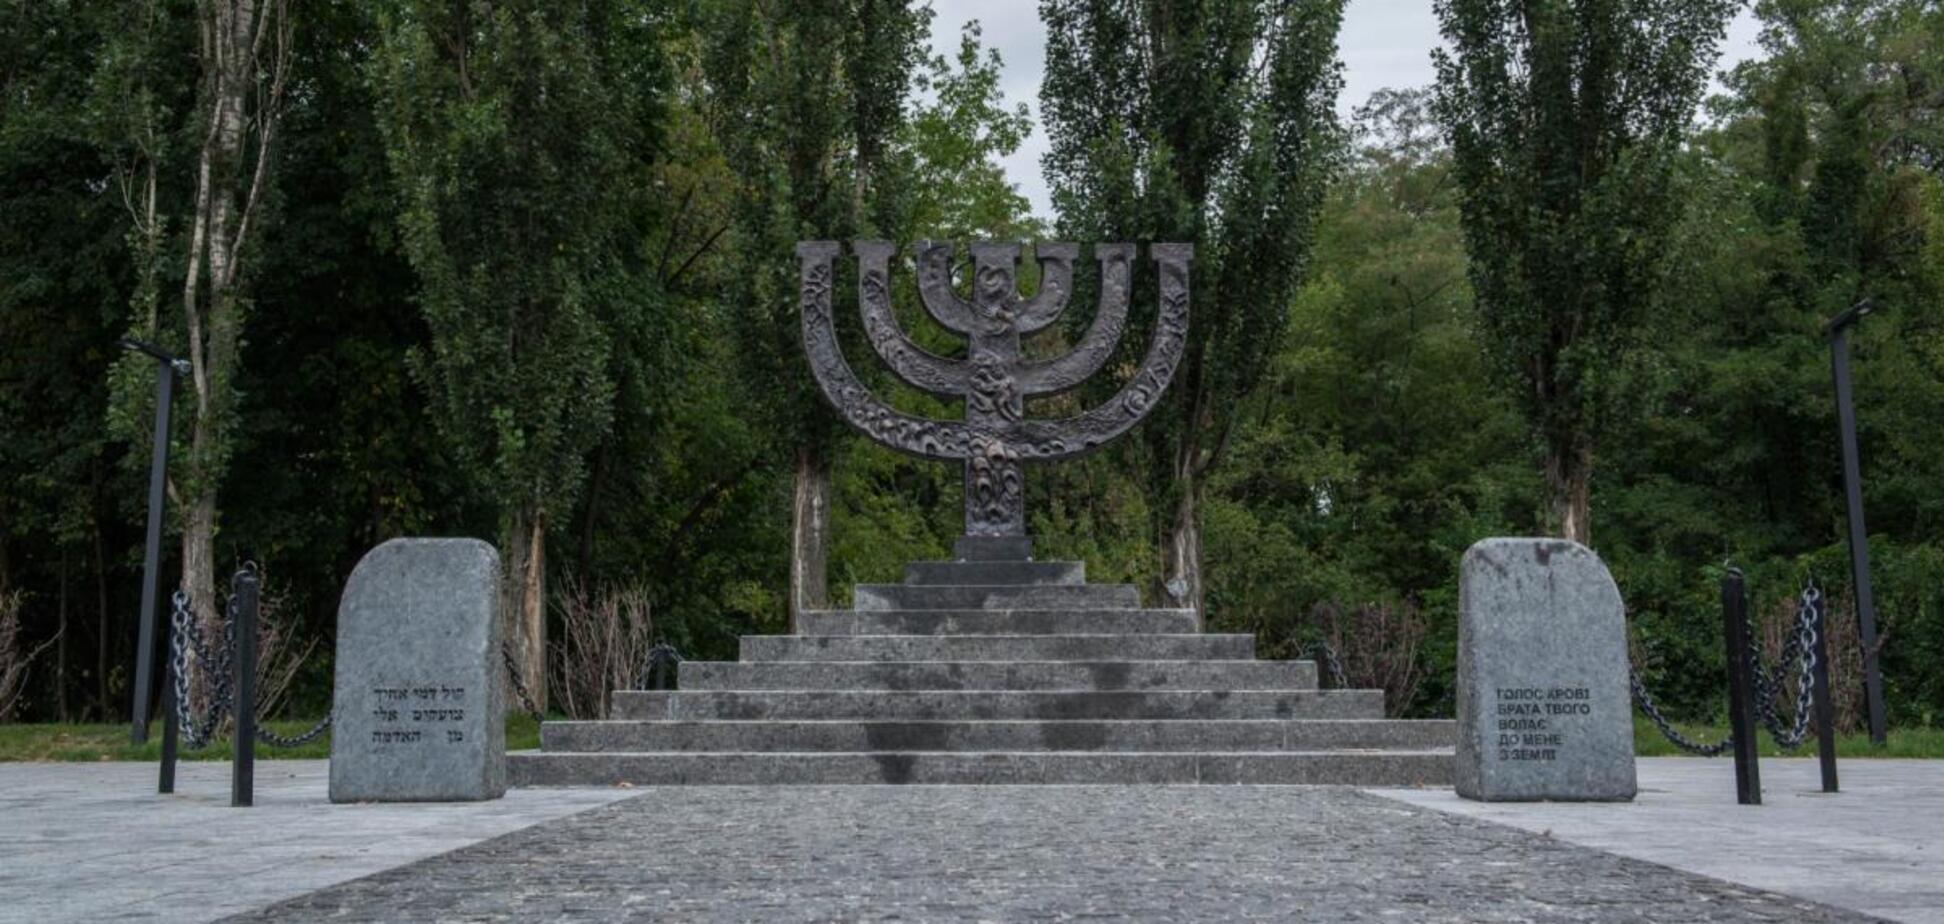 Меморіал Голокосту 'Бабин Яр' підписав угоду про співпрацю с Бундесархівом